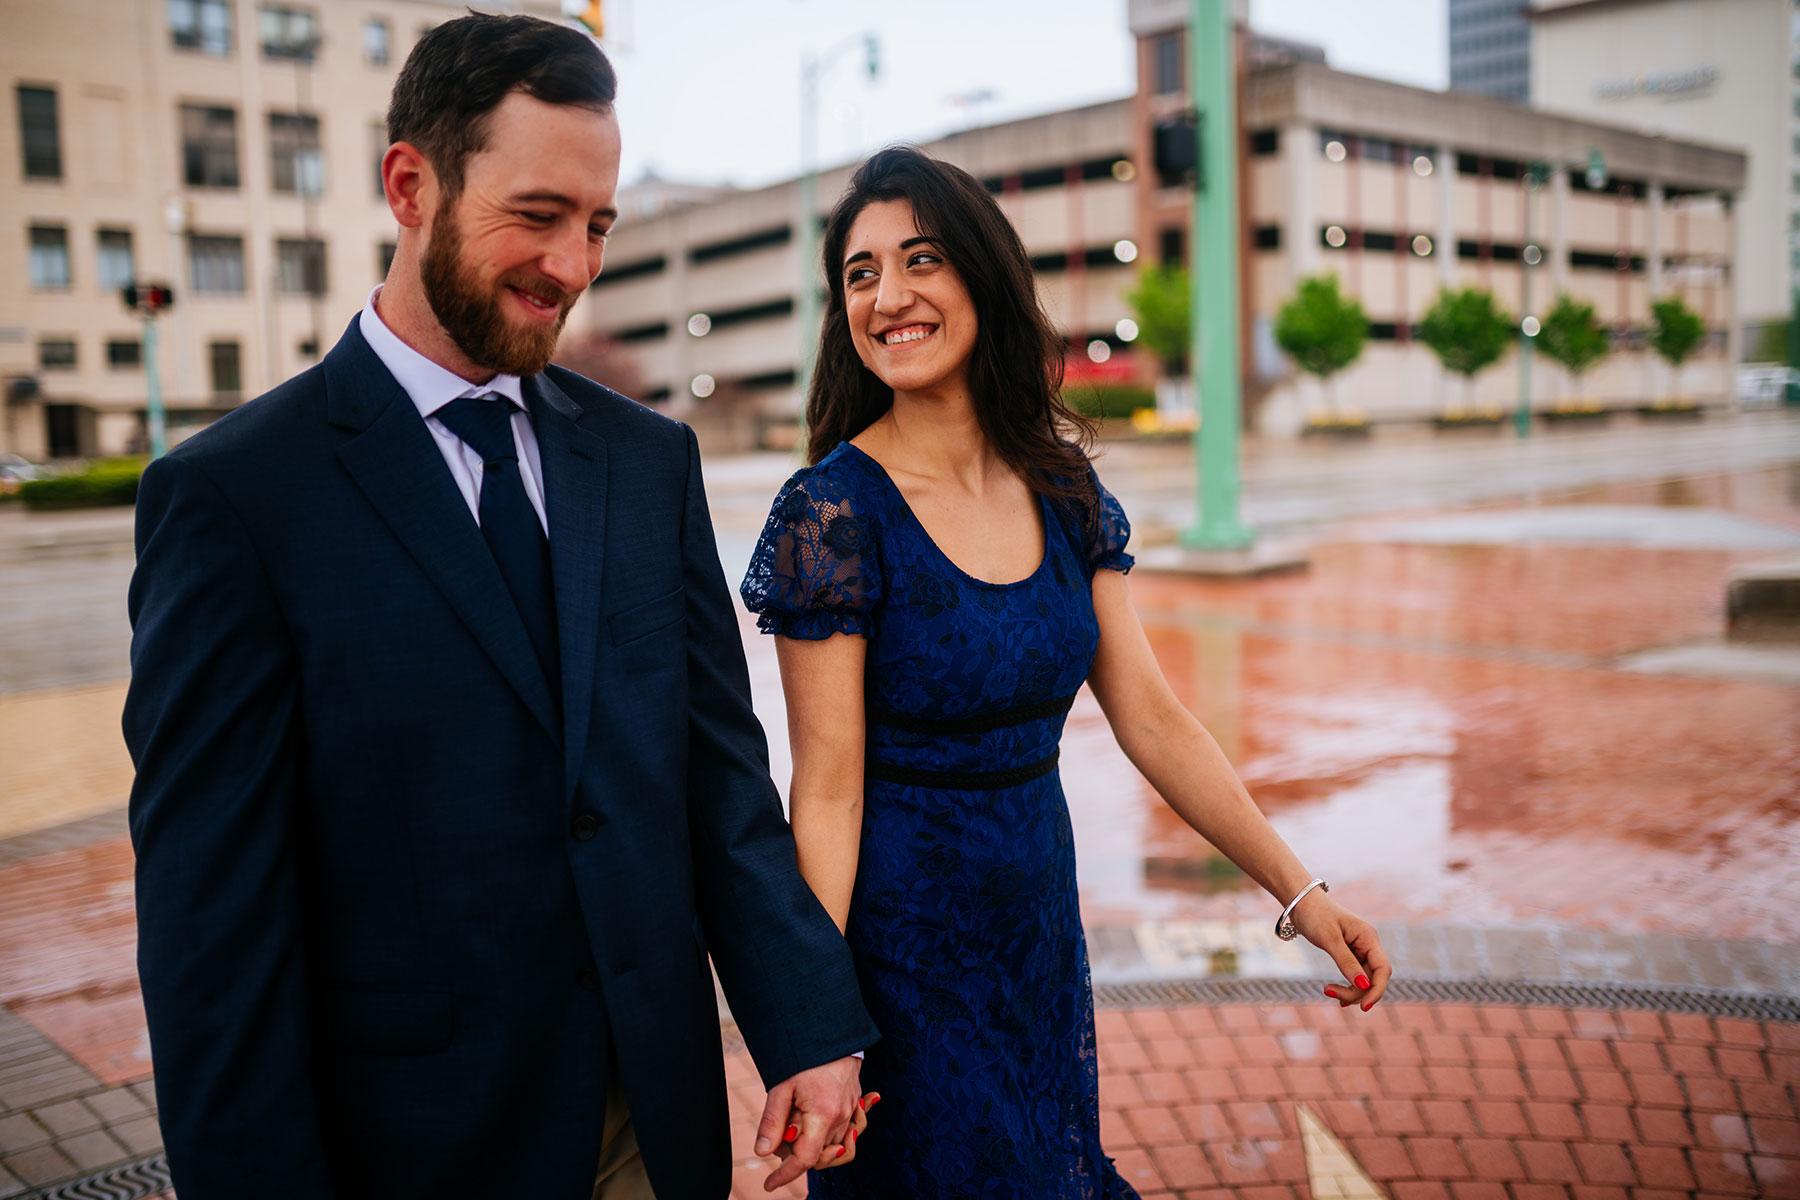 bride and groom walking downtown charleston wv